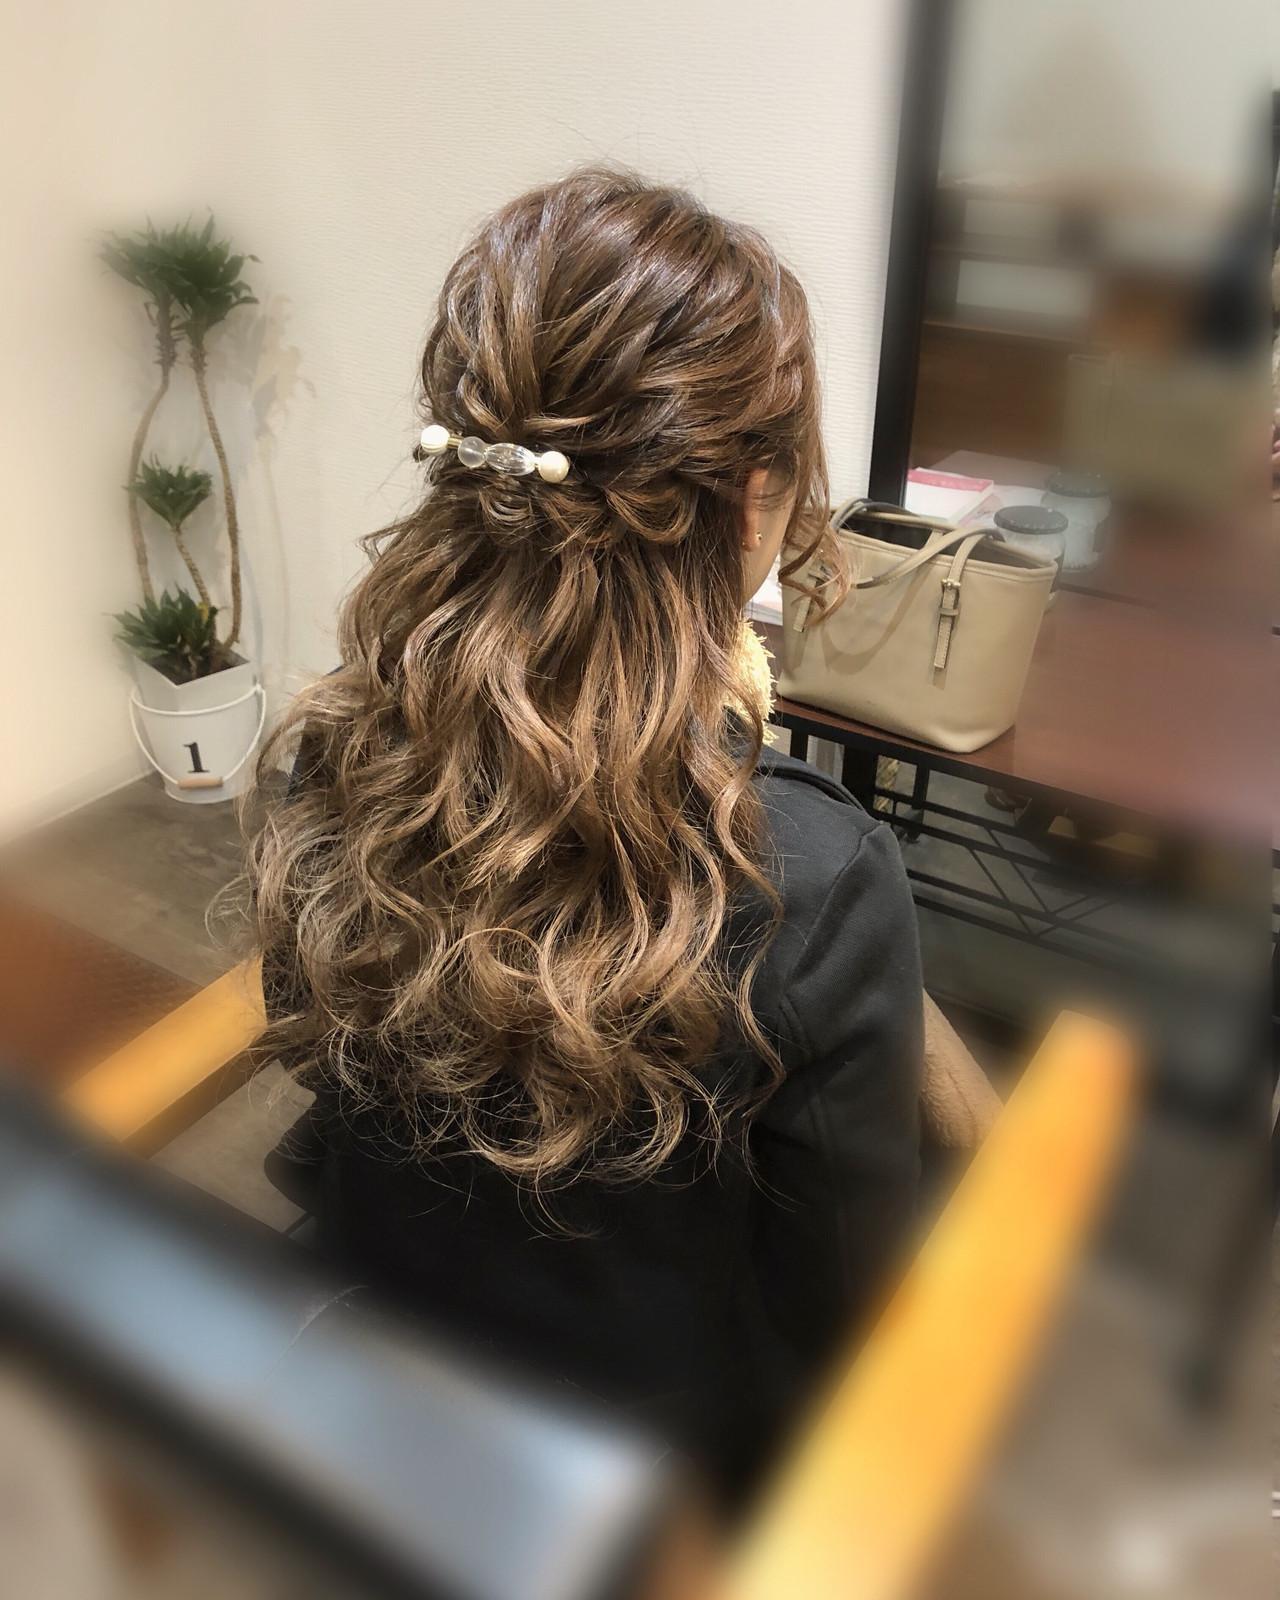 ヘアアレンジ 編み込みヘア ロング フェミニン ヘアスタイルや髪型の写真・画像